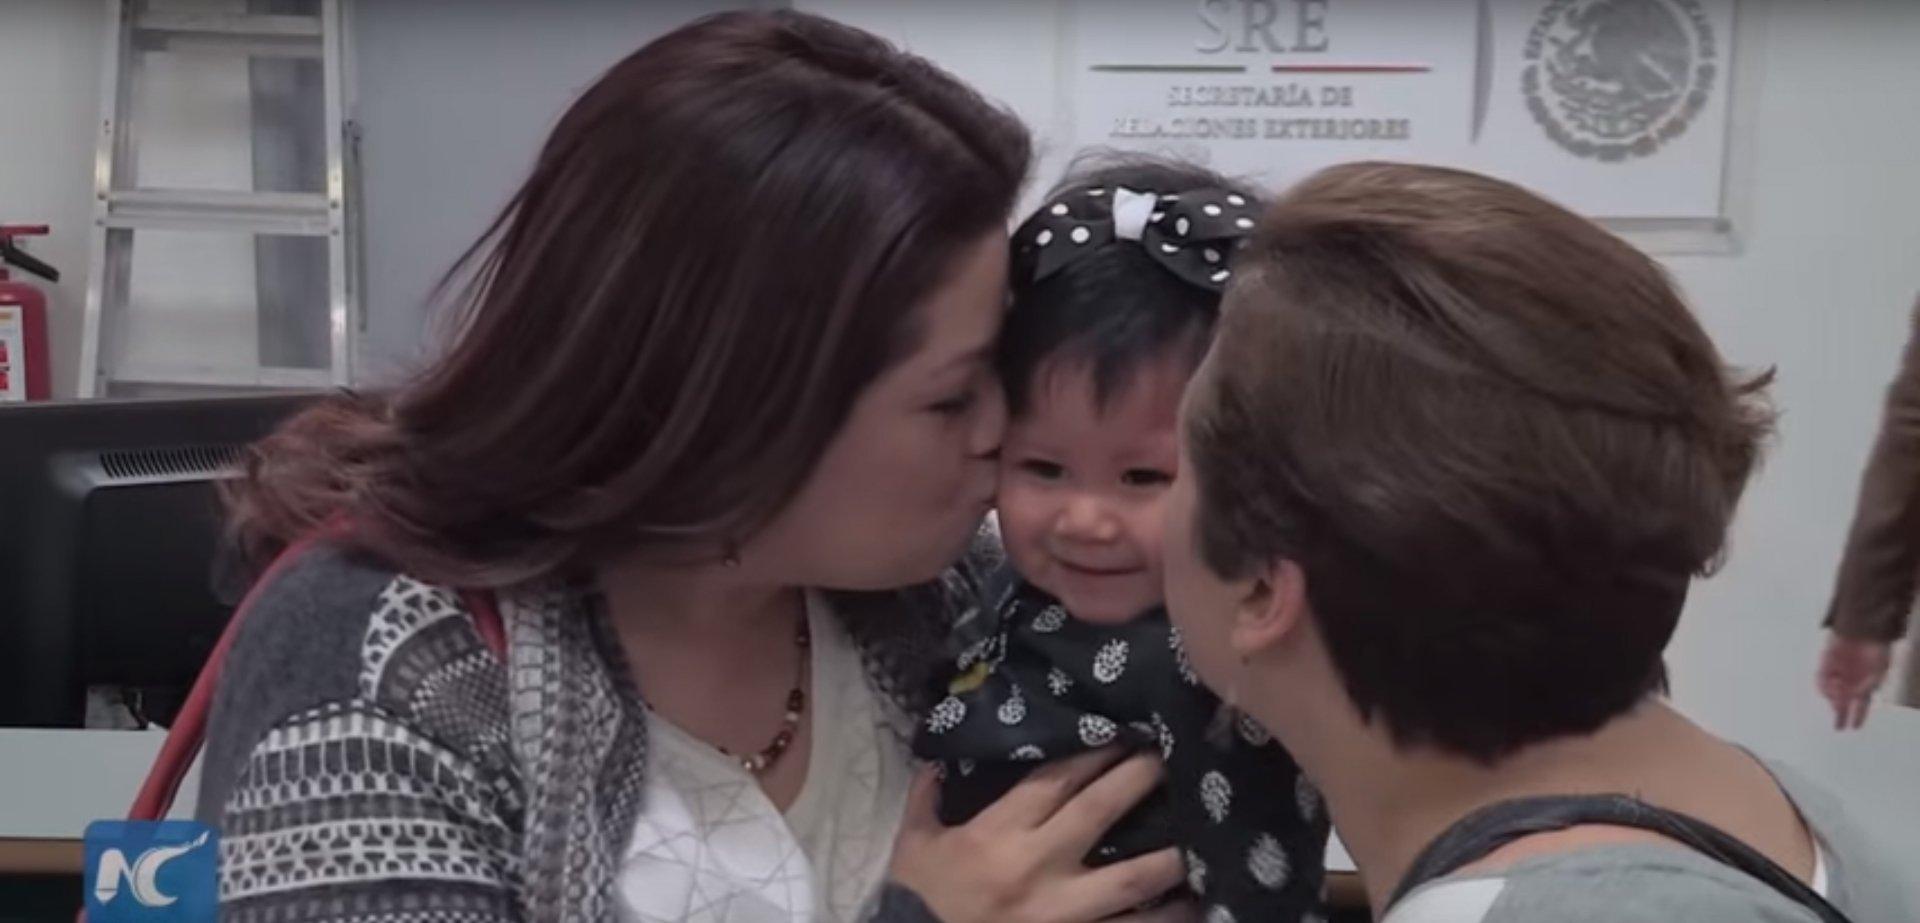 Mexique : c'est une première, une petite fille adoptée porte le nom de ses deux mères sur son passeport